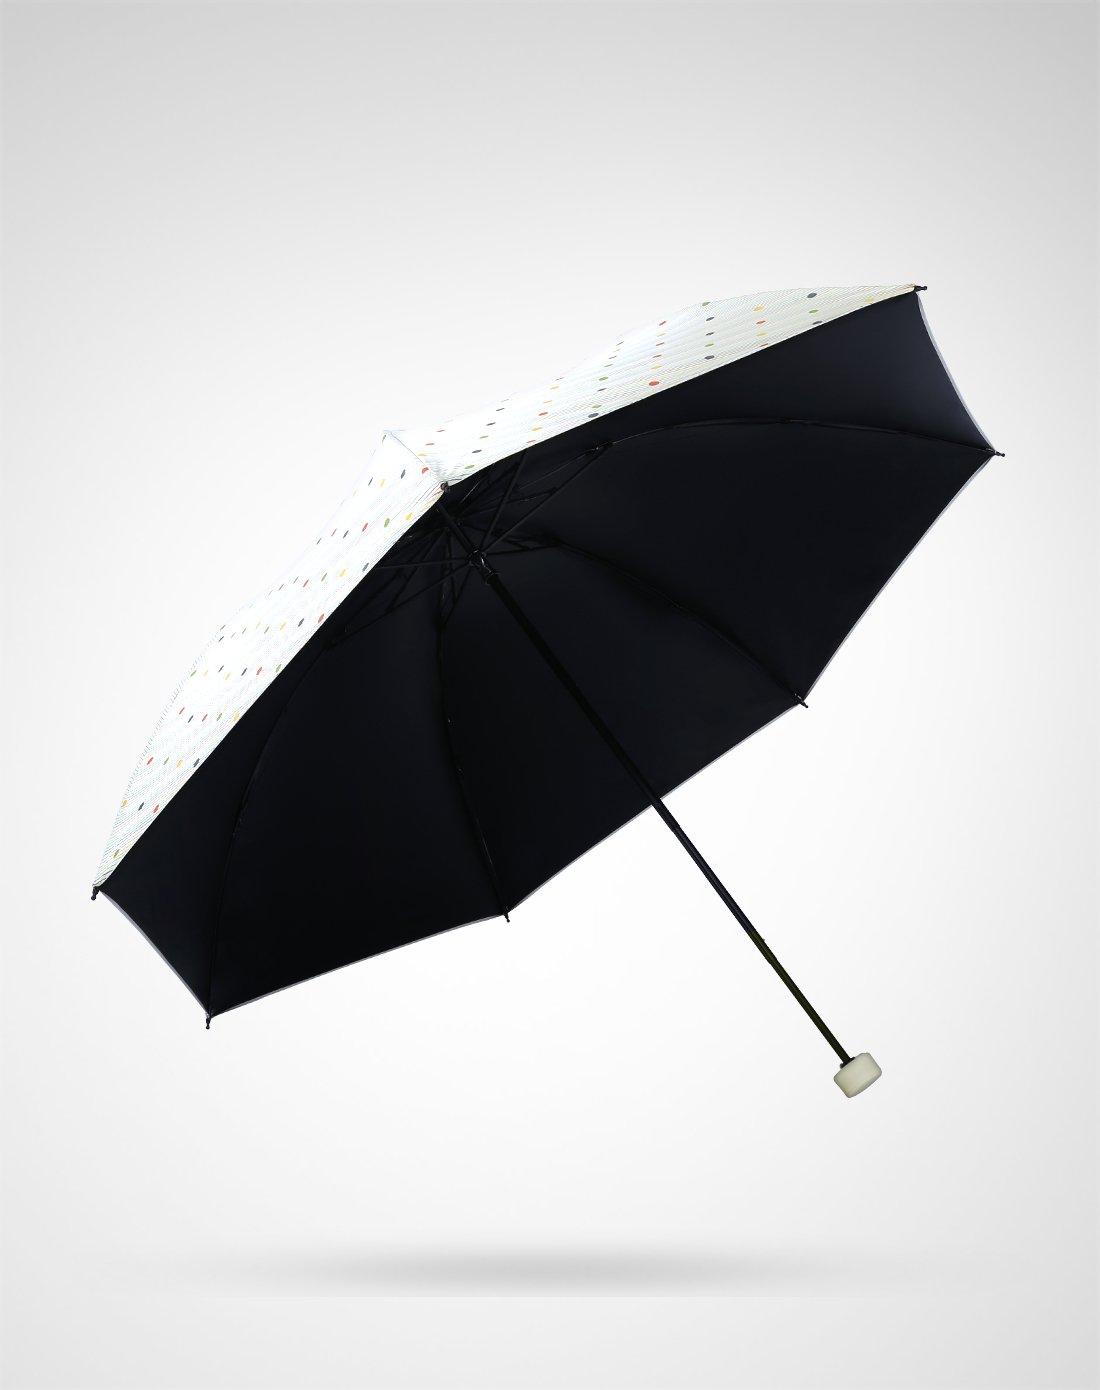 小清新简约森系雨伞女韩四折伞黑胶防晒遮阳晴雨两用伞